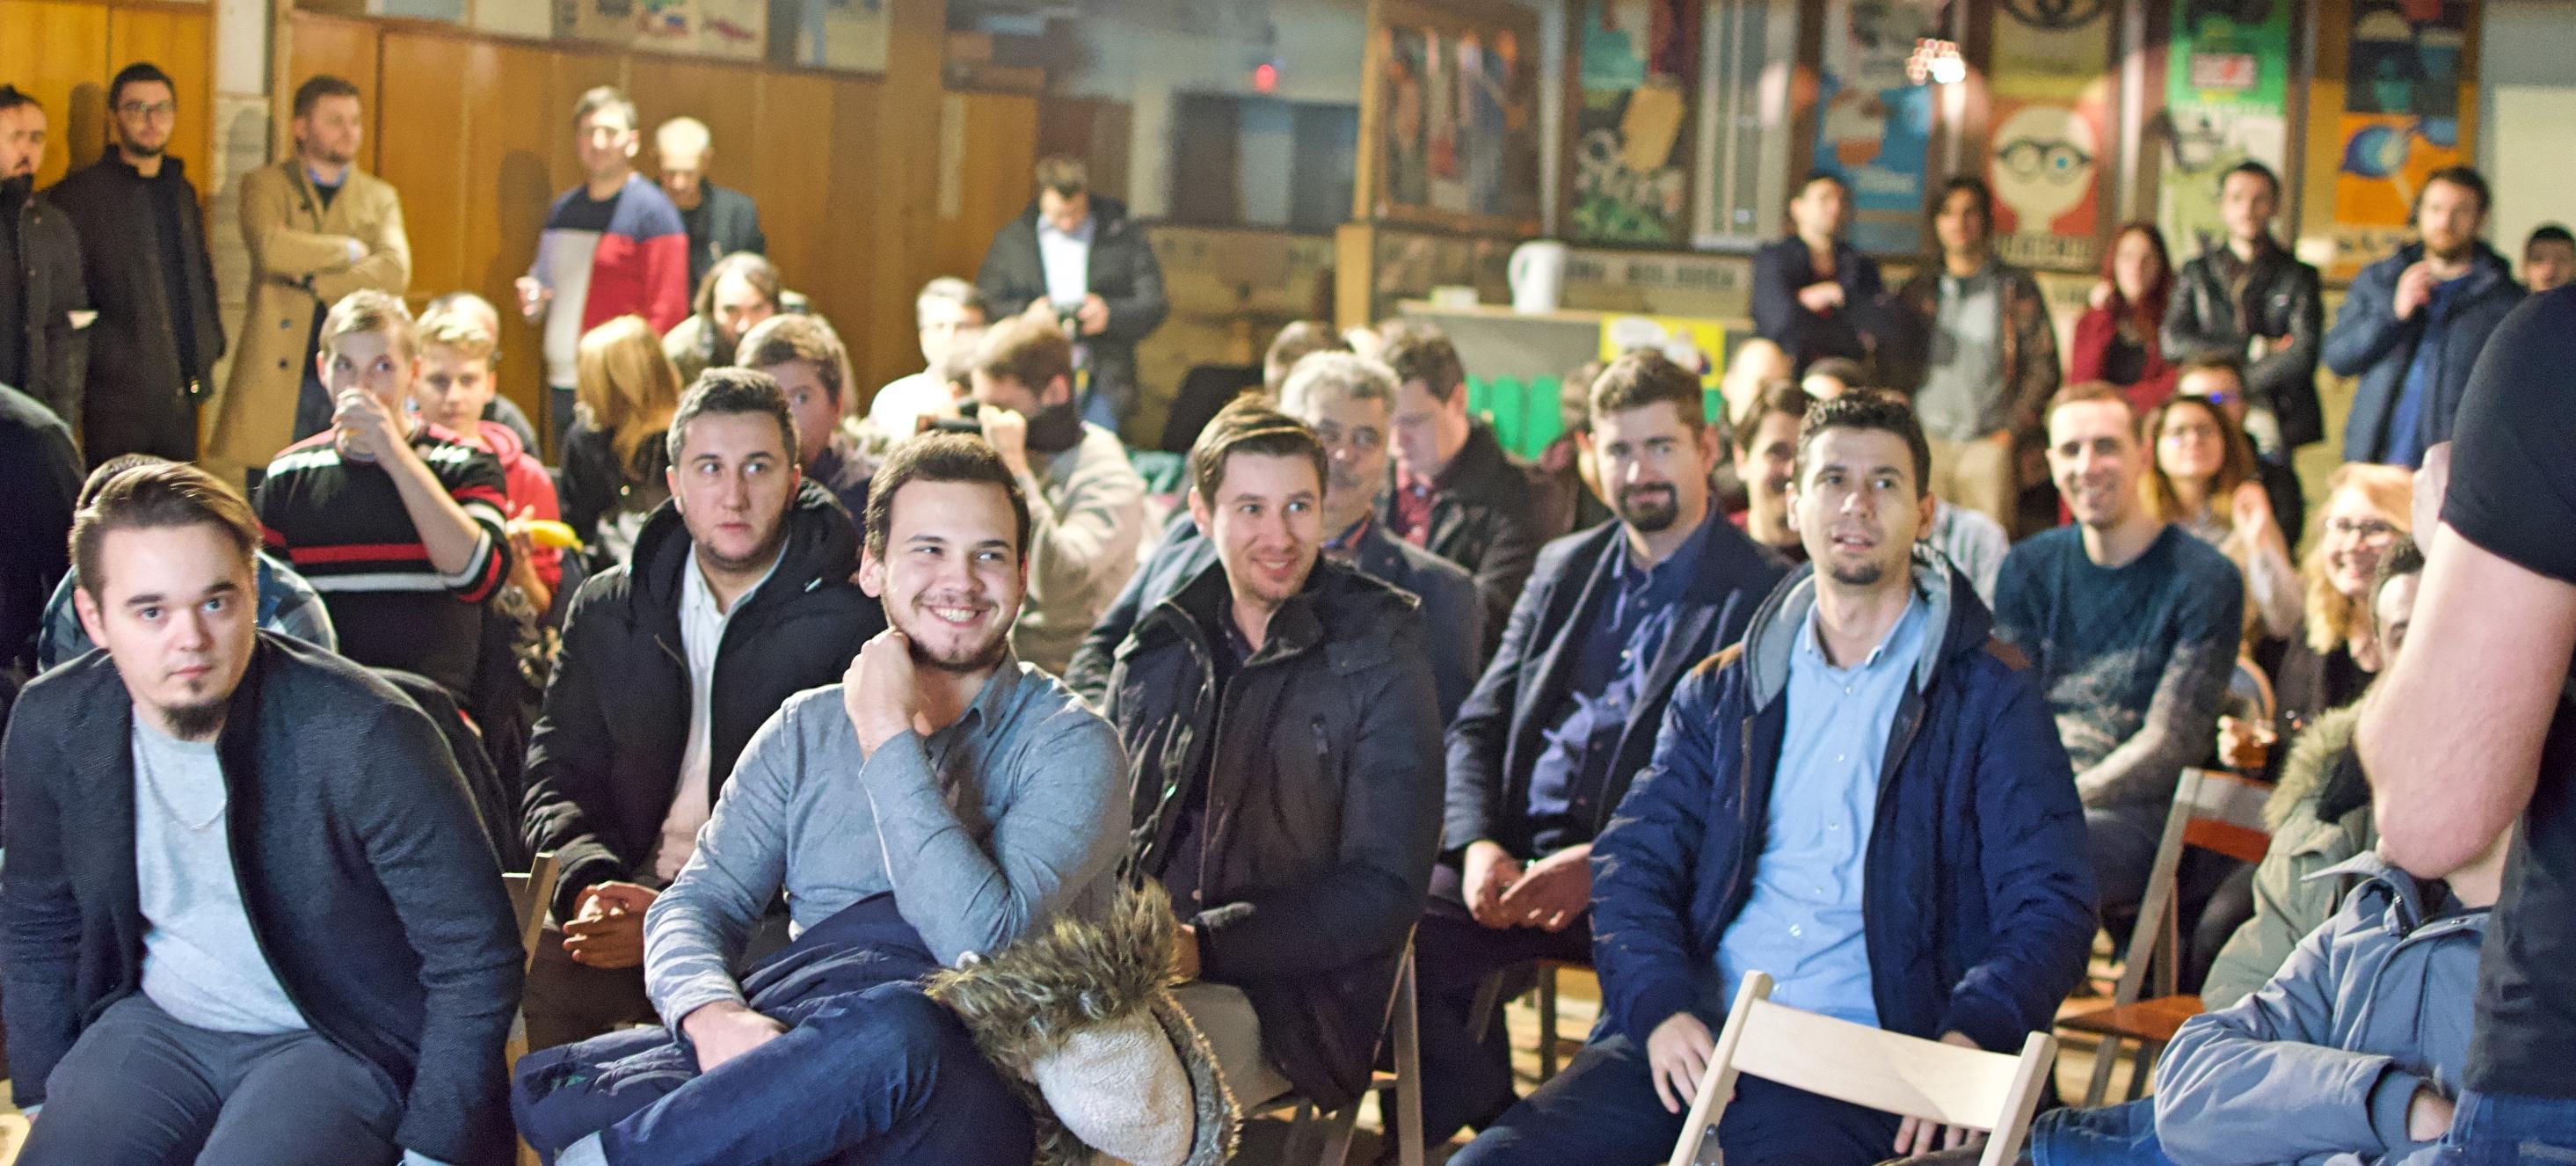 TBNR, accelerator de startupuri din Iaşi, începe primul său program cu şase startupuri şi o investiţie